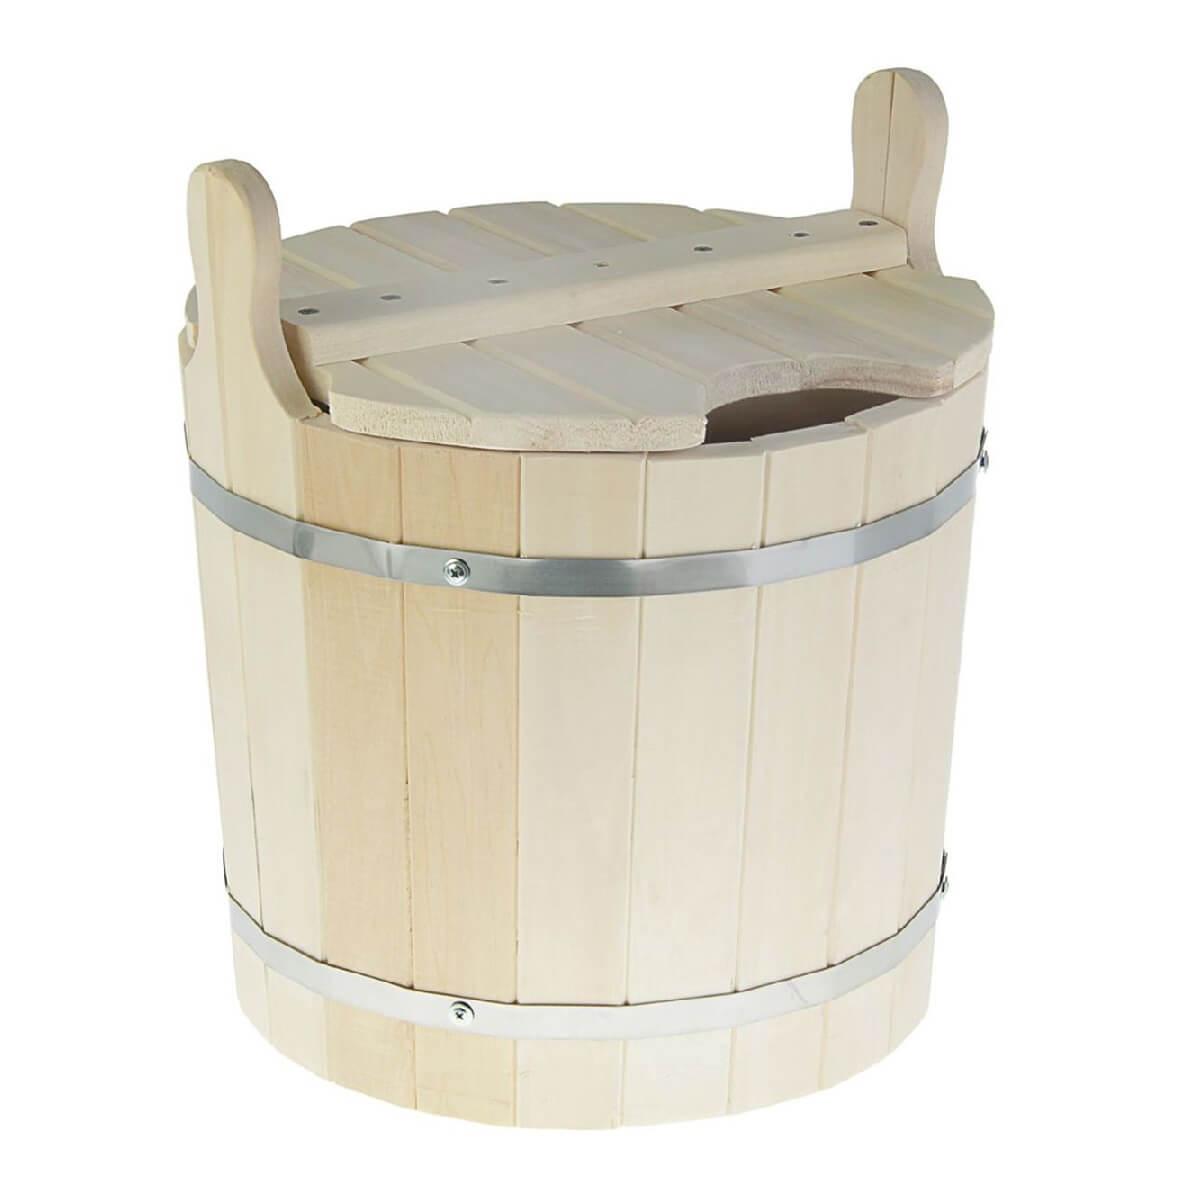 Запарники для бани: модели с крышкой для веников и другие виды. для чего нужны? ведра для запаривания с нержавеющими вставками и другие разновидности